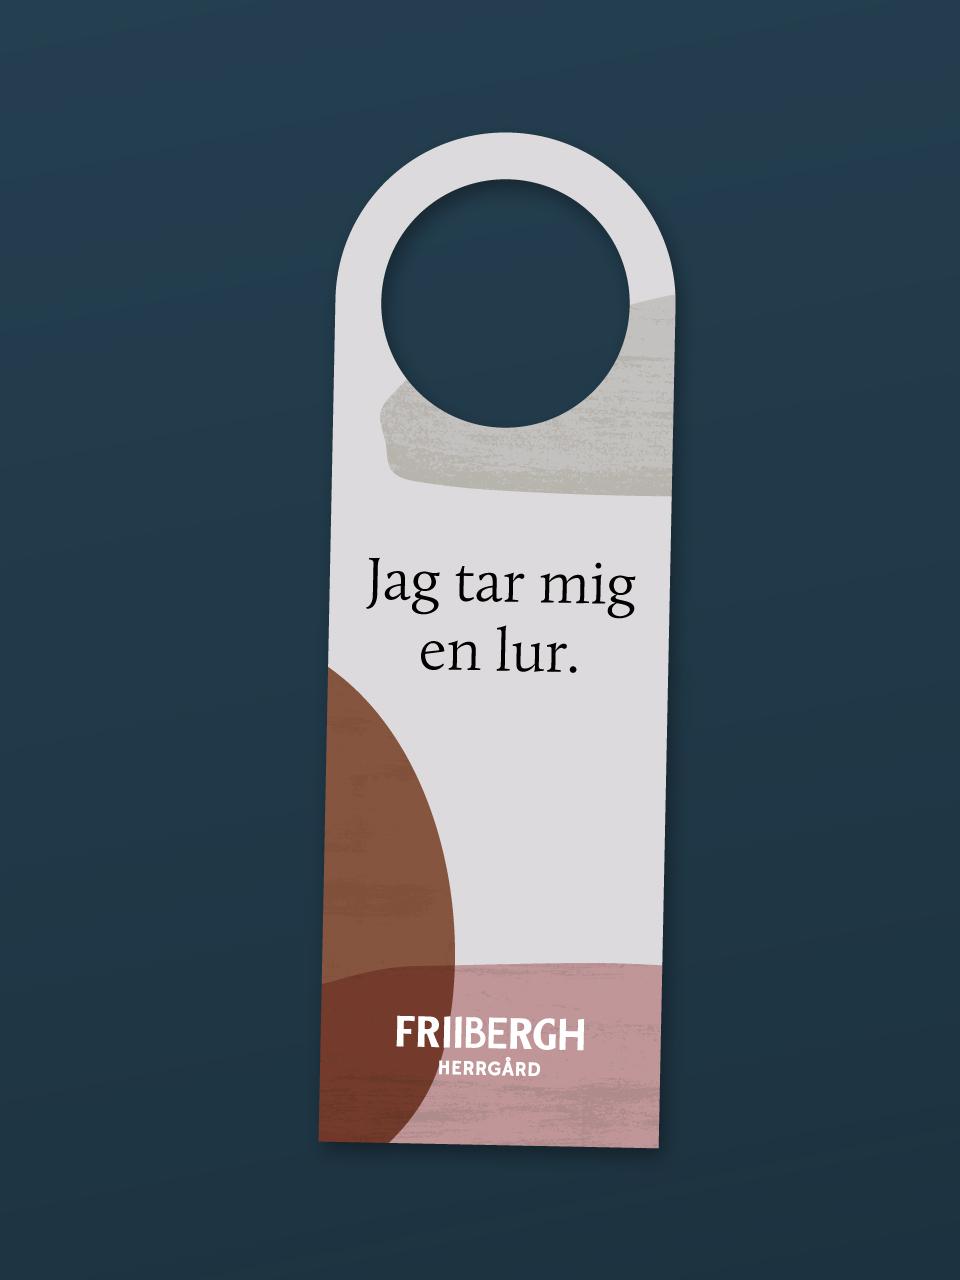 StorEj-friibergh-960.jpg